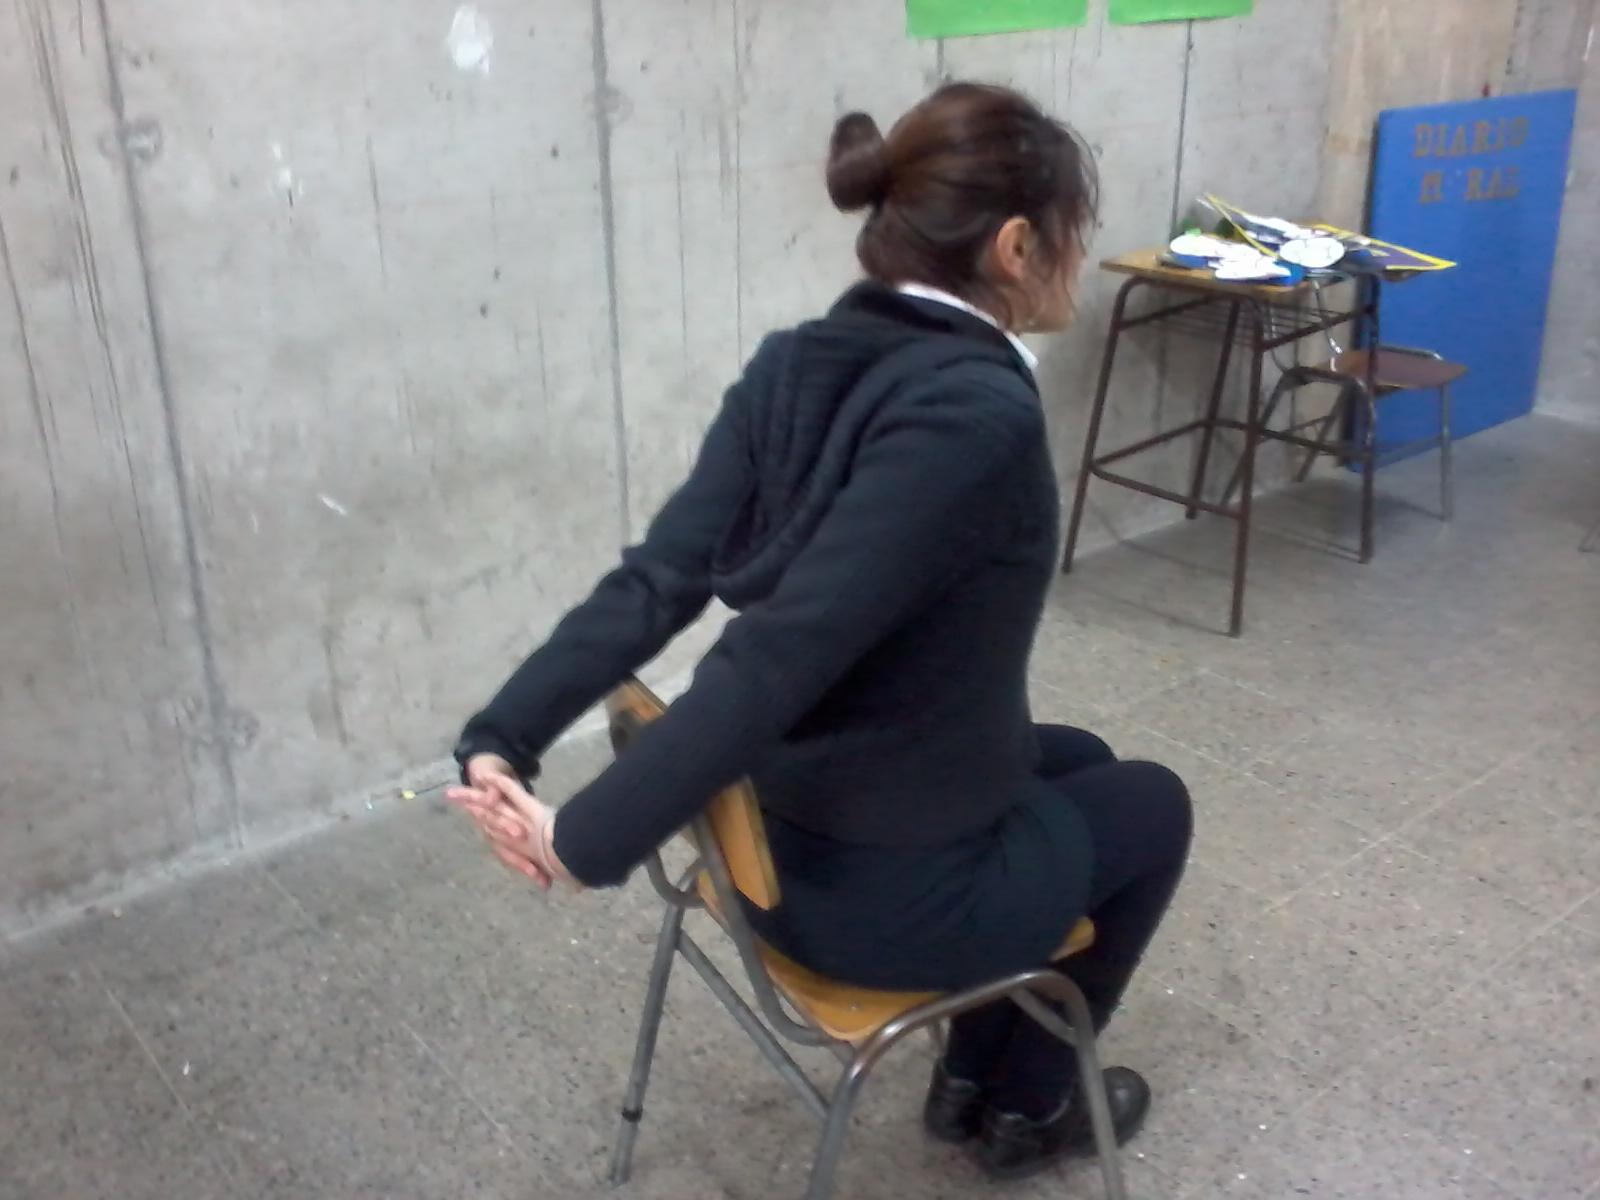 Pausas activas ejercicios para la oficina - Sillas para la espalda ...